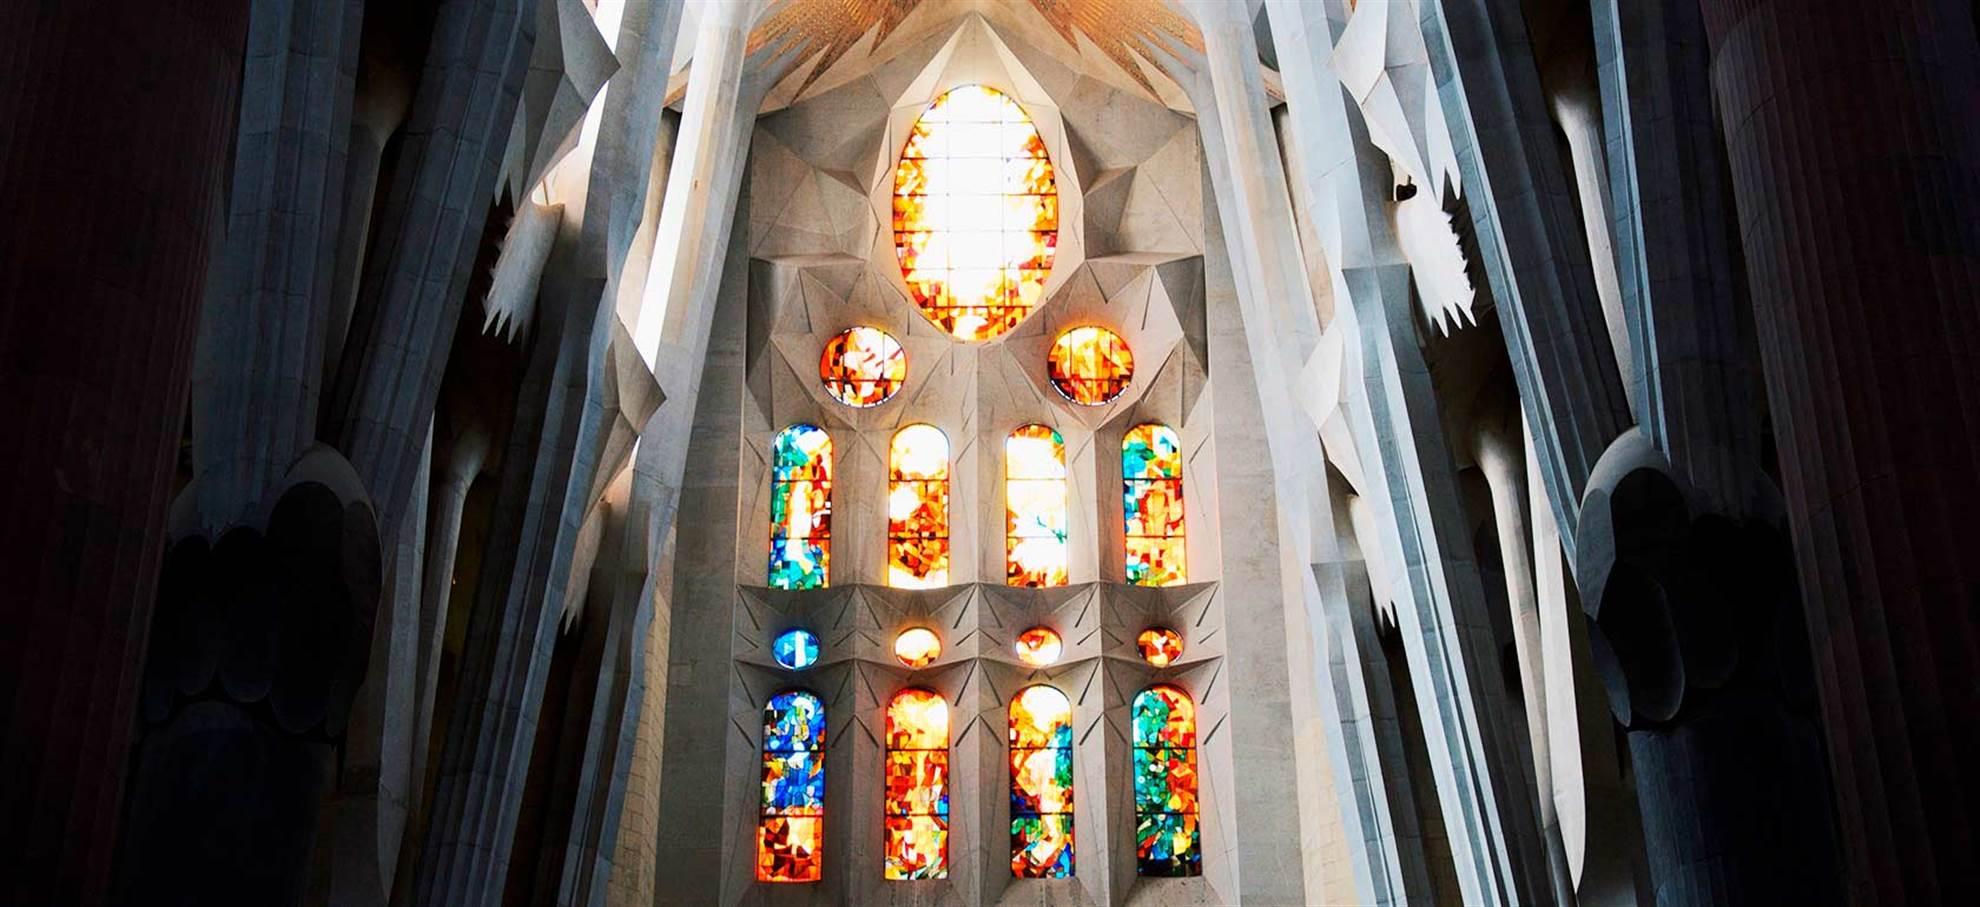 Guidad tur av La Sagrada Familia, slipp kön!